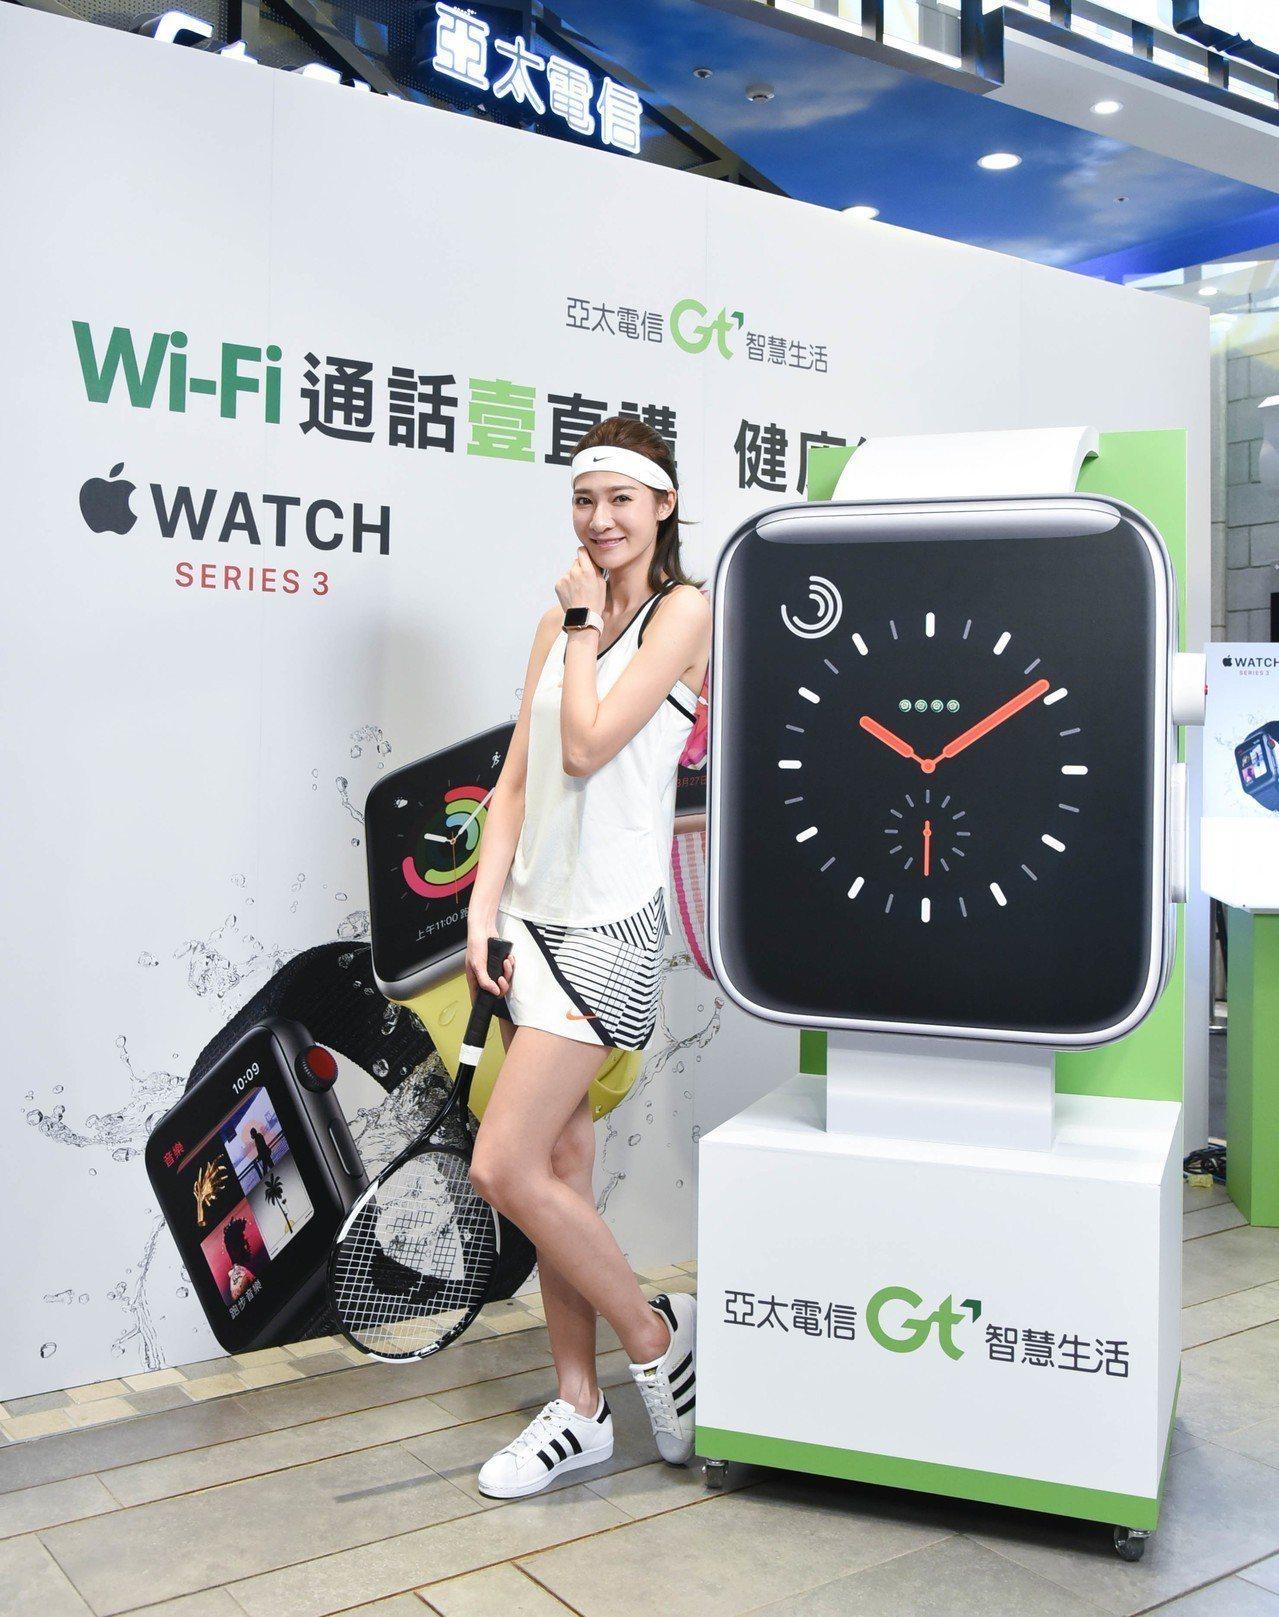 亞太電信今天舉辦Apple Watch 3開賣活動,特別加碼打電話+上網吃到飽的...